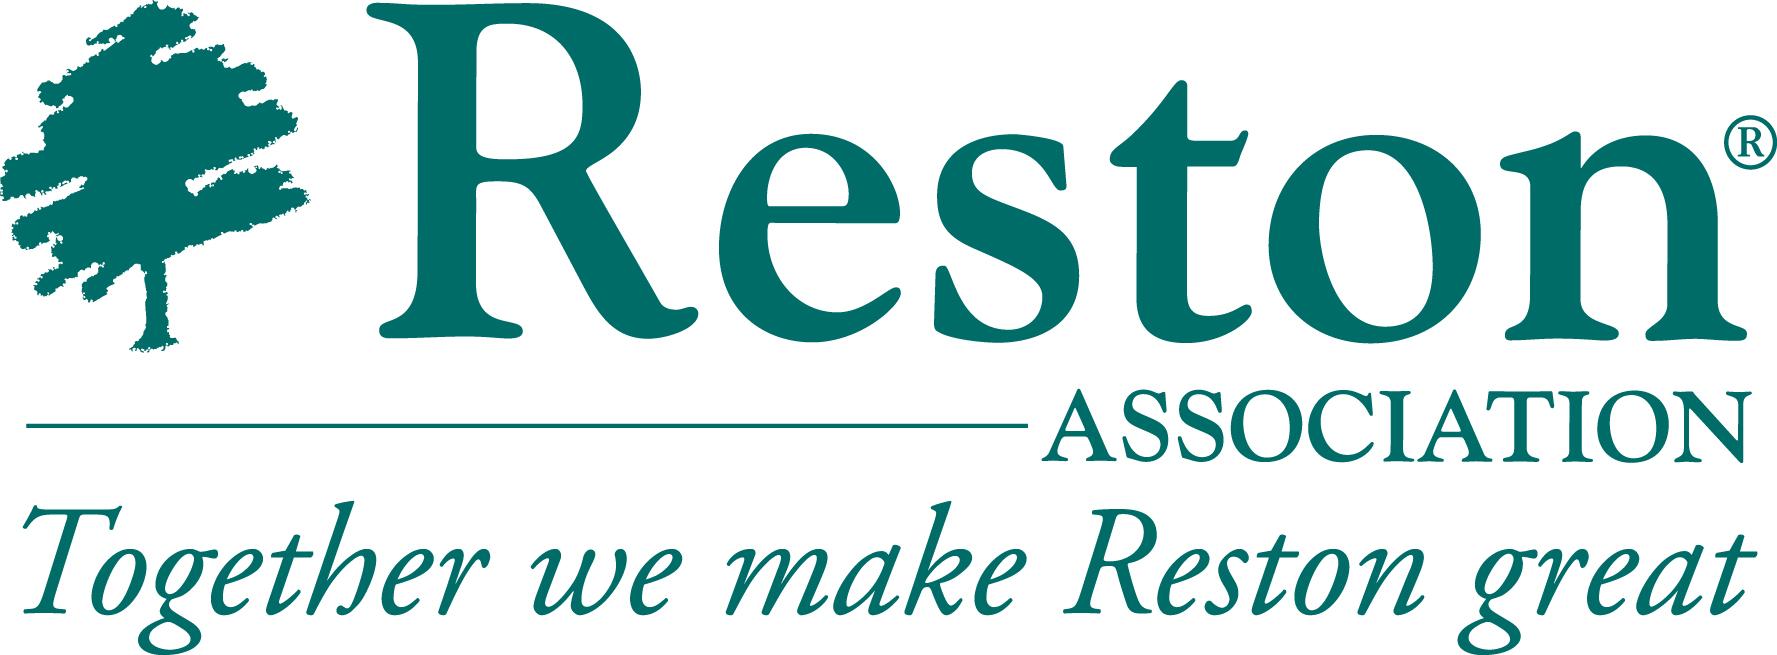 RAS-002 Logo (sh)1.9